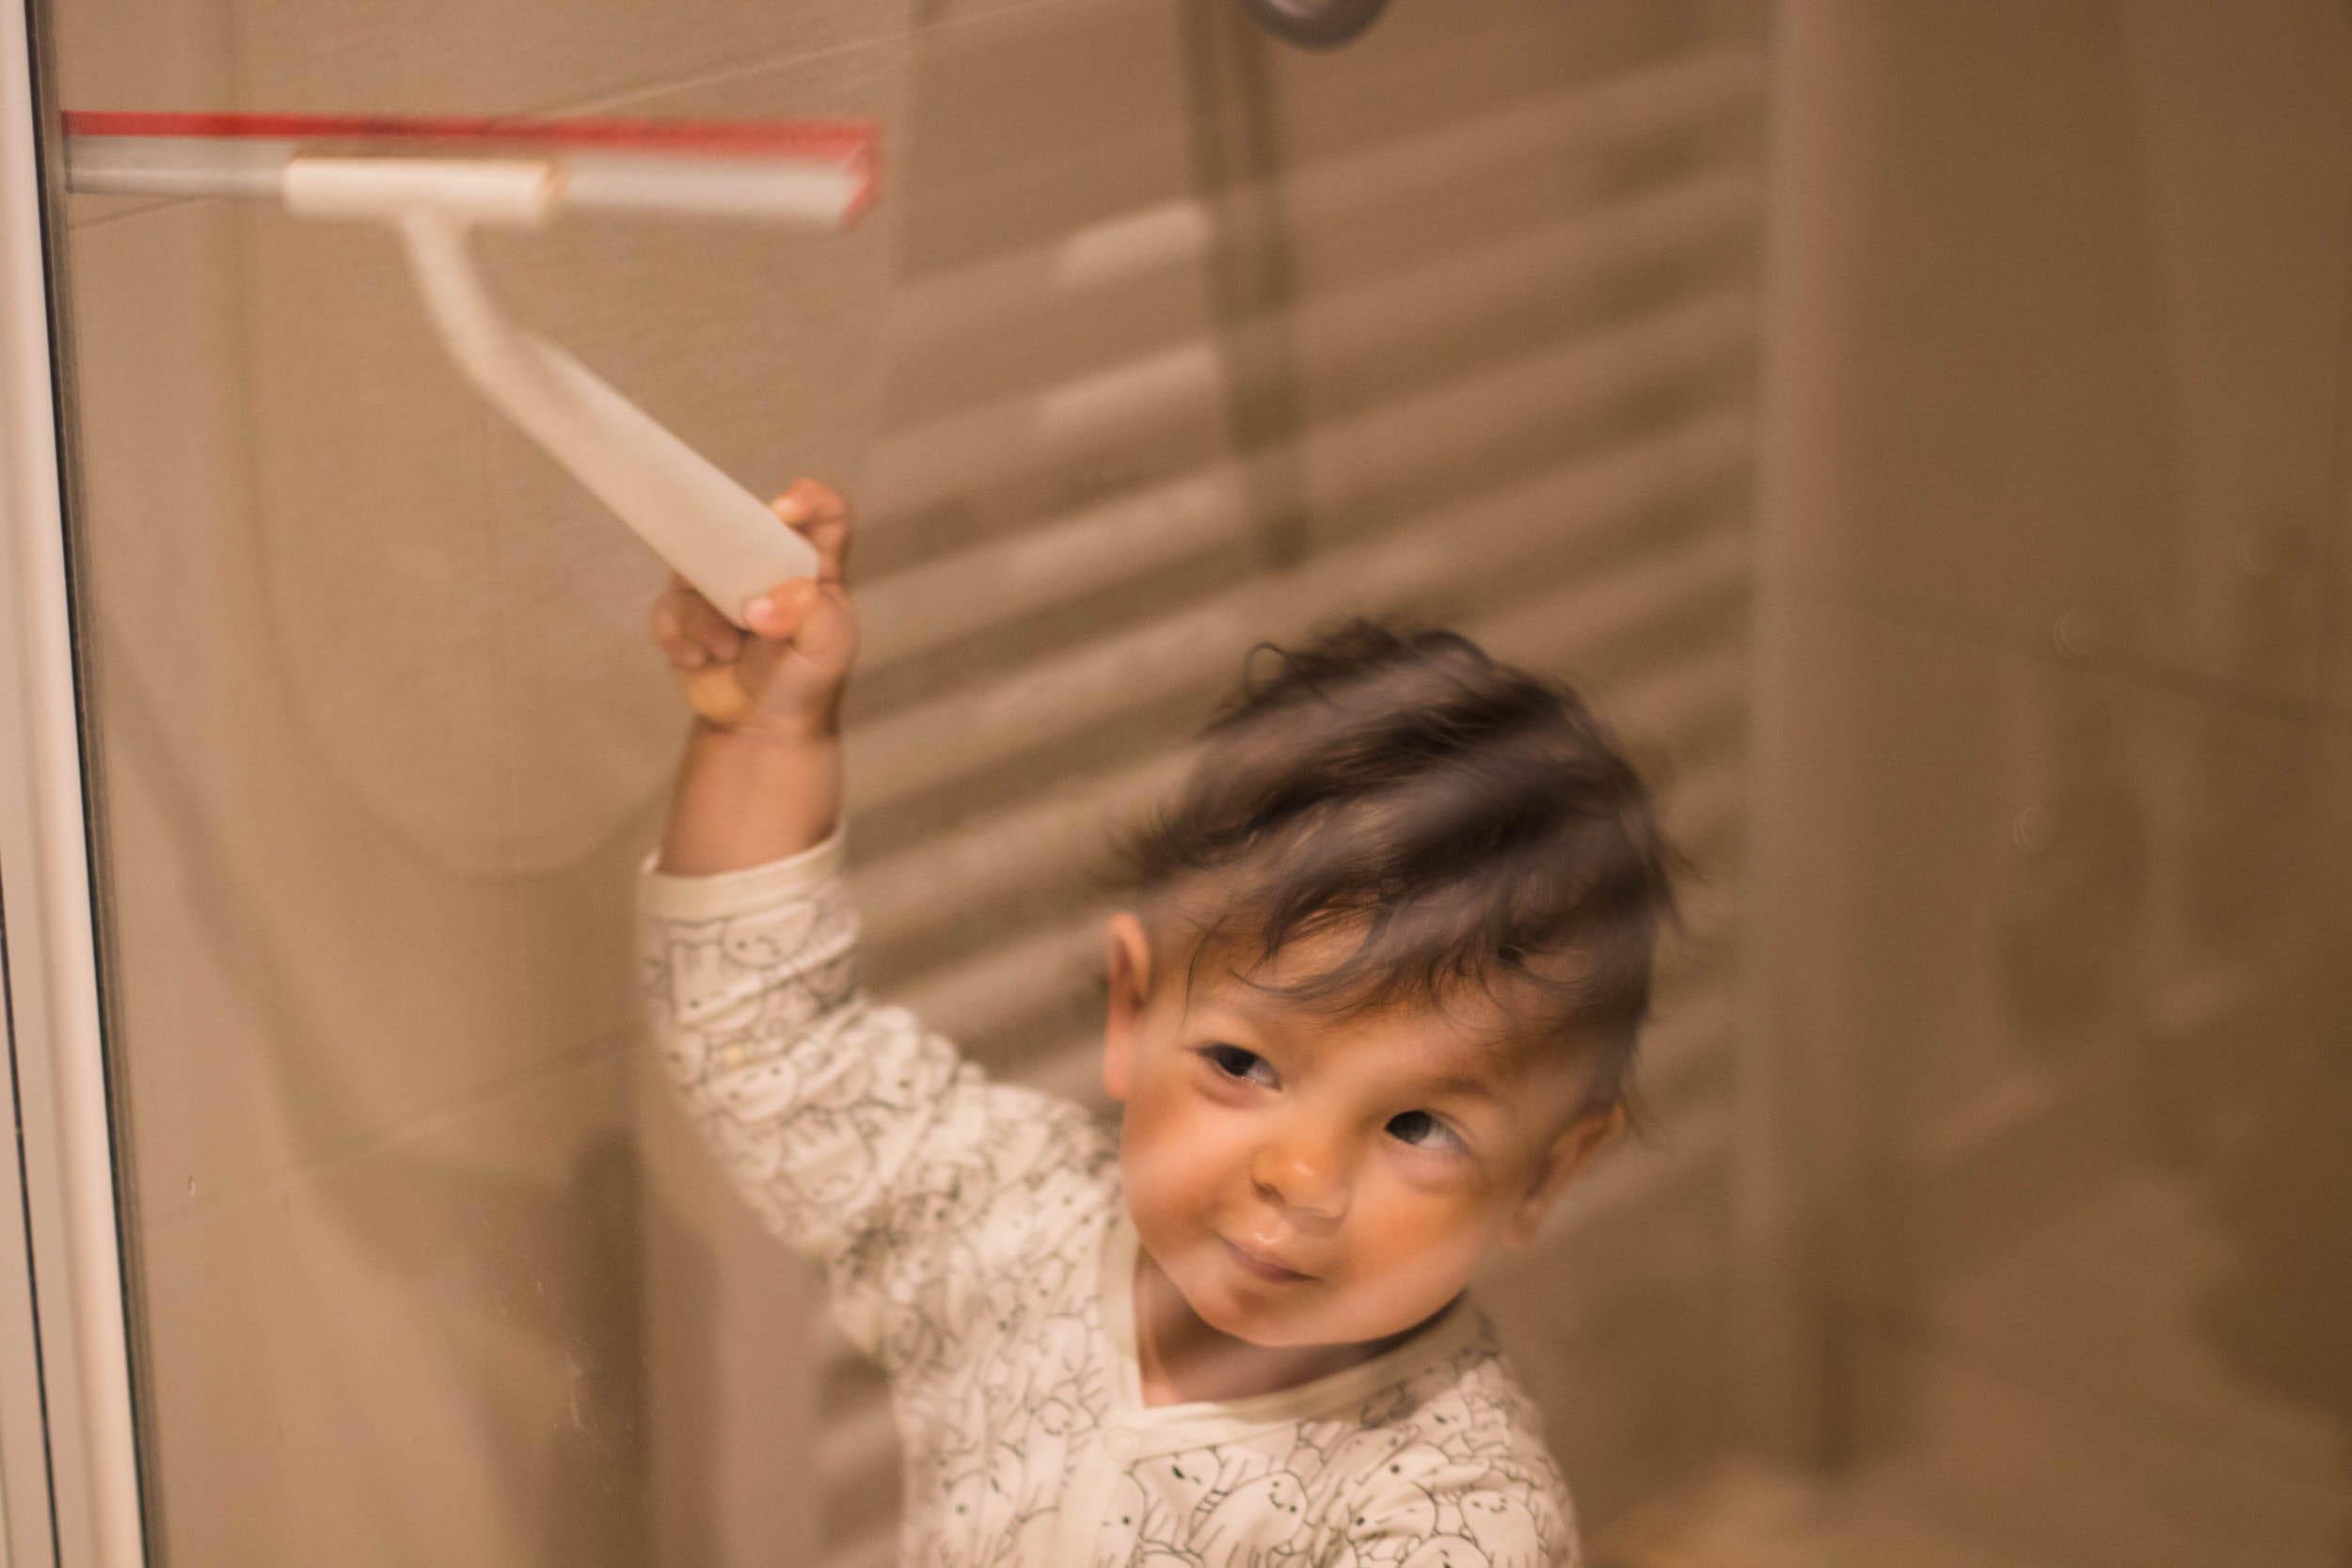 Wochenende in Bildern | Leben mit Kind | Alltag | kleine Putzhilfe | ivy.li